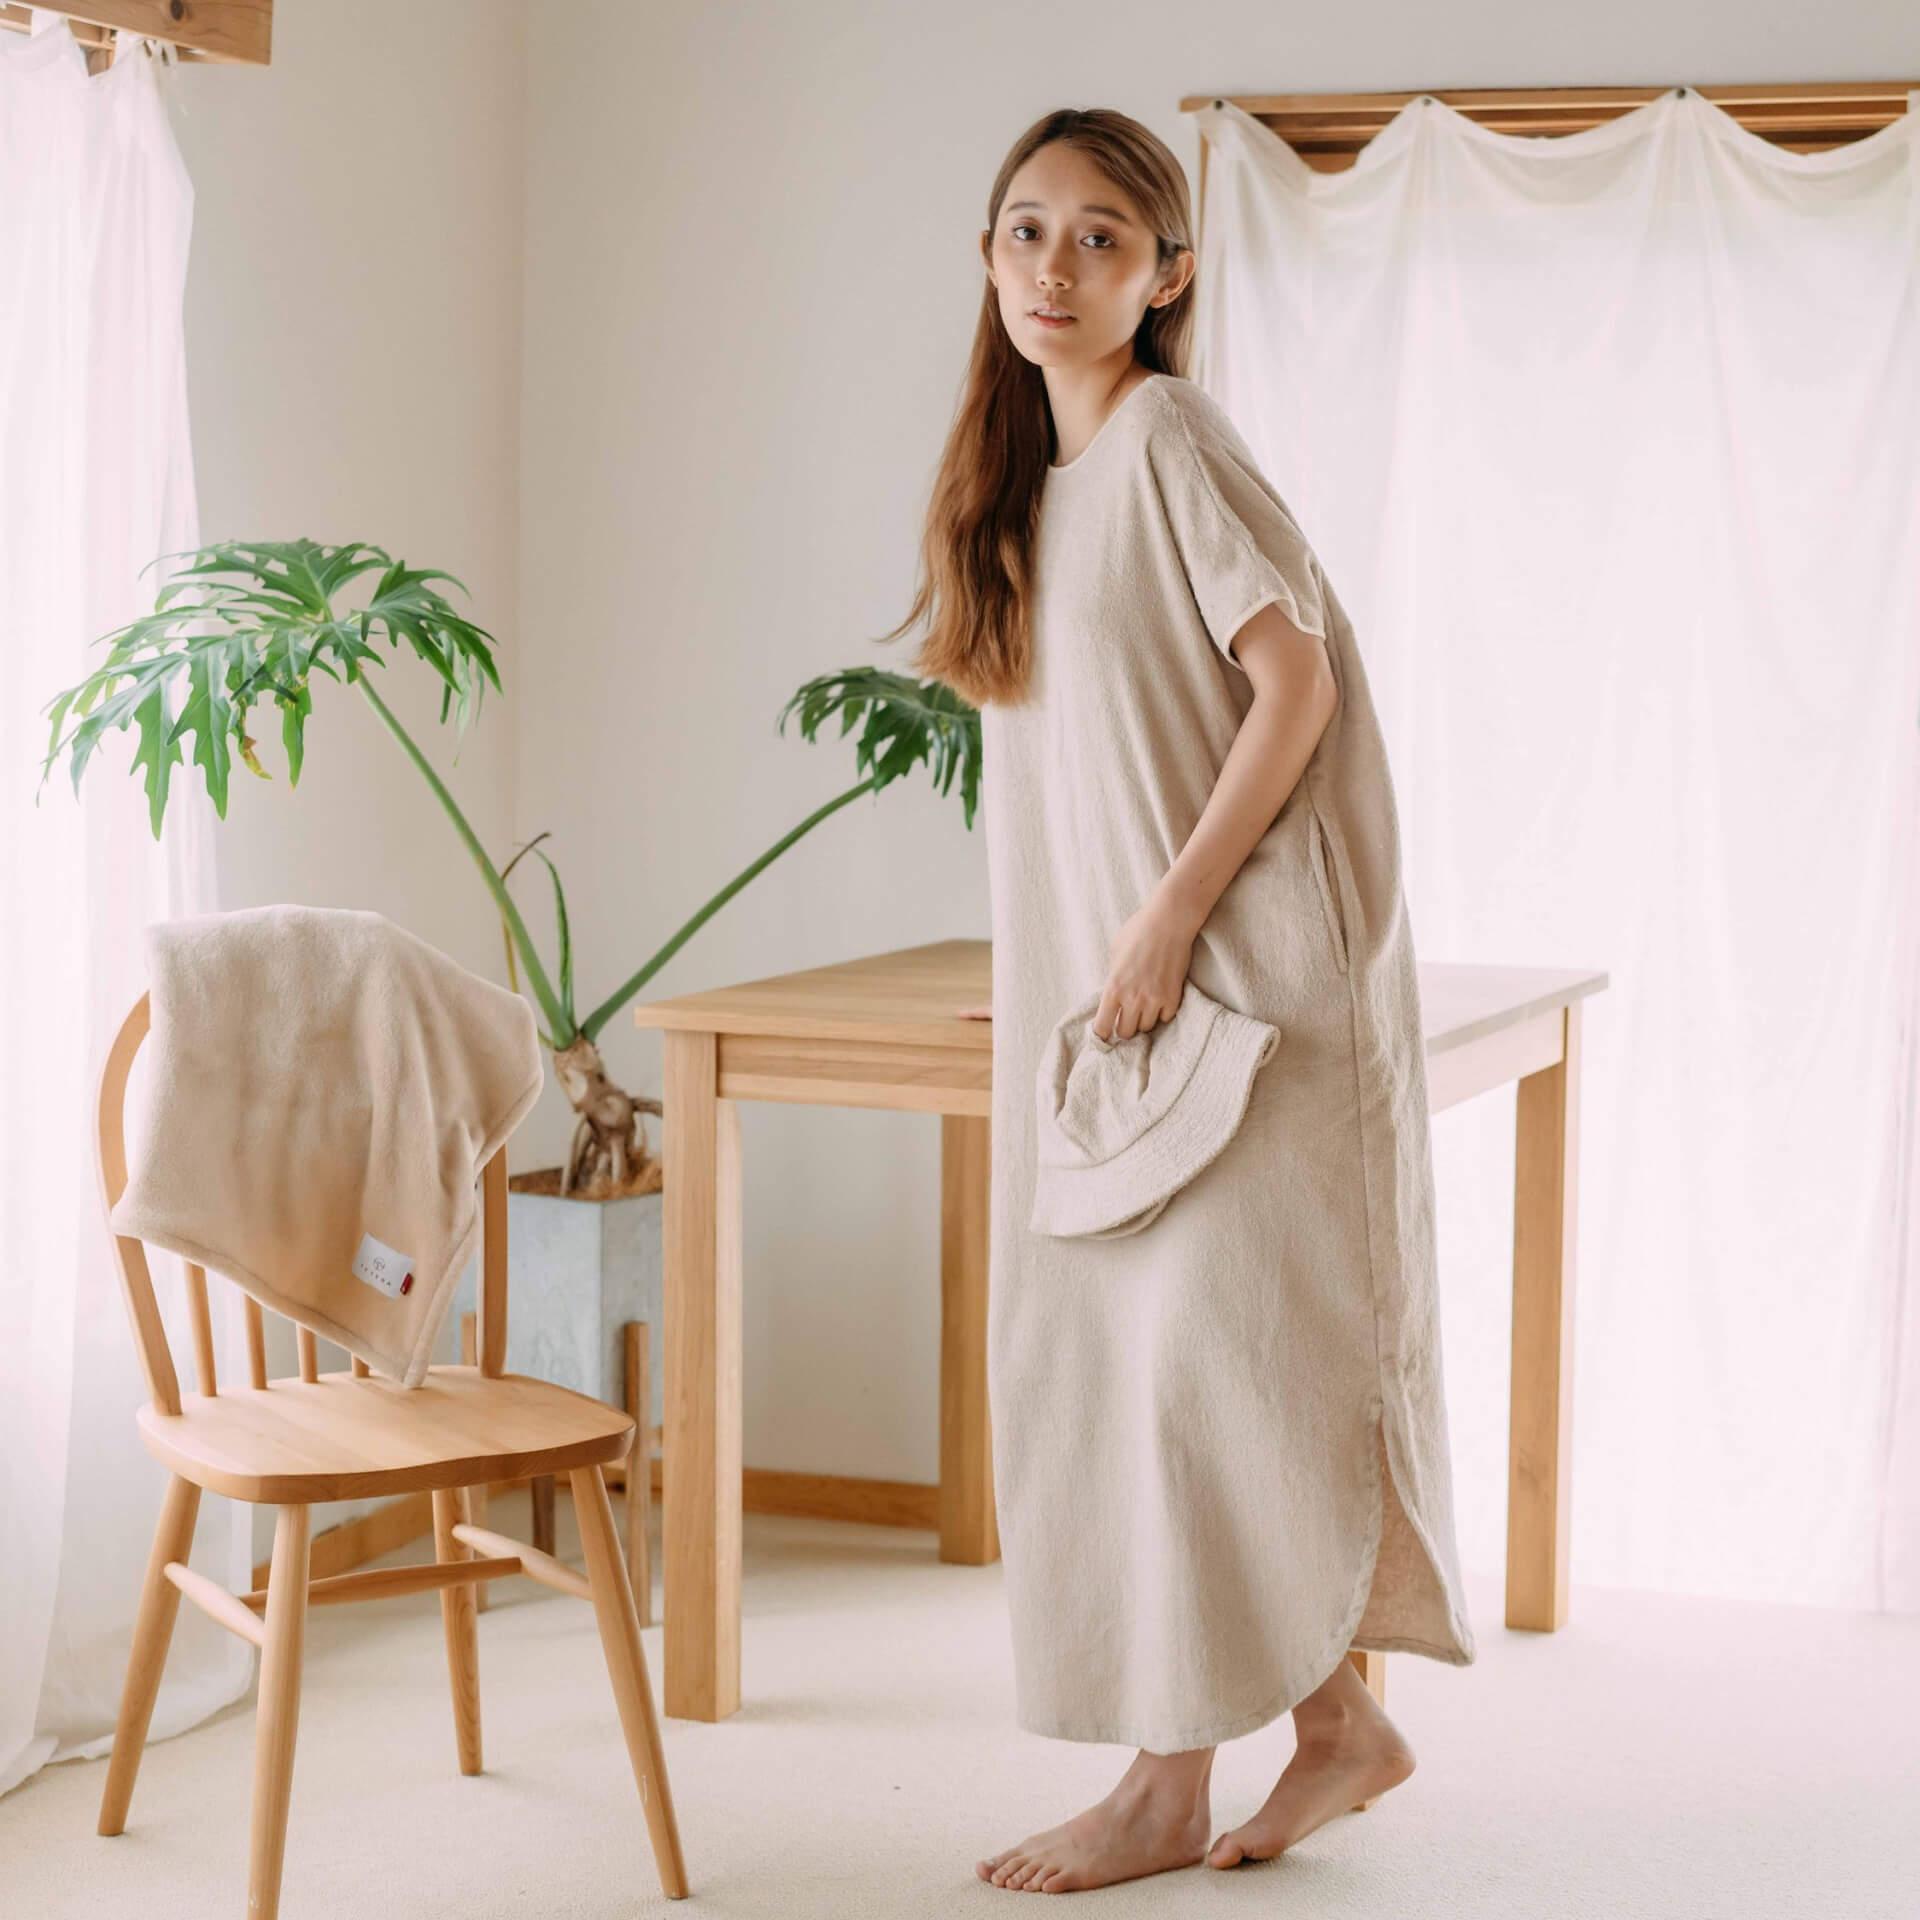 サウナーにフォーカスしたイベント<SAUNA MARCHE-サウナマルシェ->が開催決定!限定Tシャツも販売 life210924_sauna_06